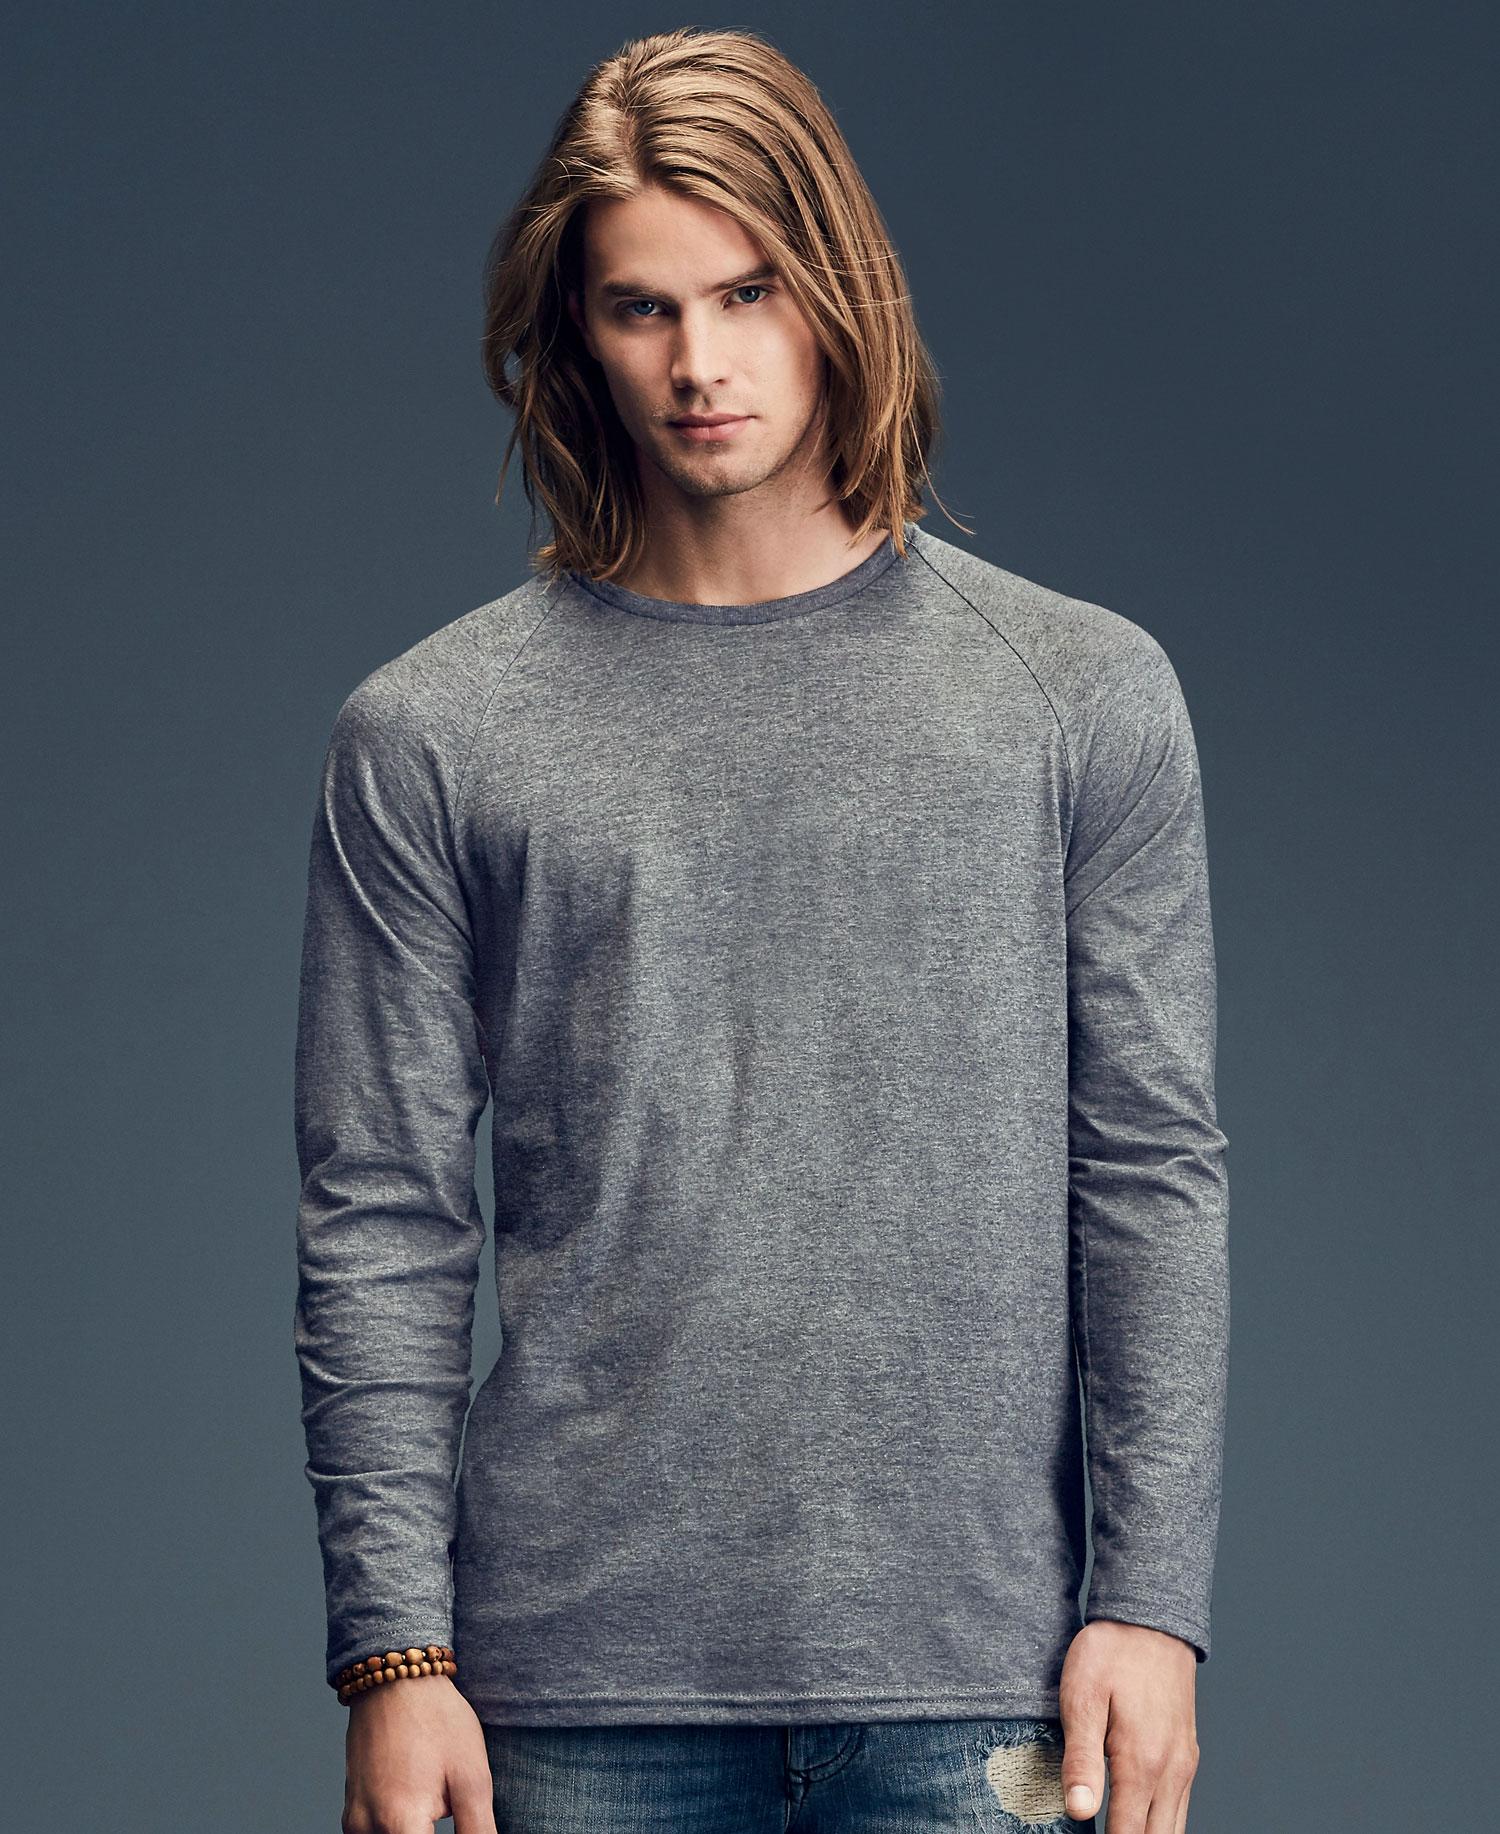 Anvil Hommes T-shirt à manches longues Bustier Dos Uni Haut coton casual fashion